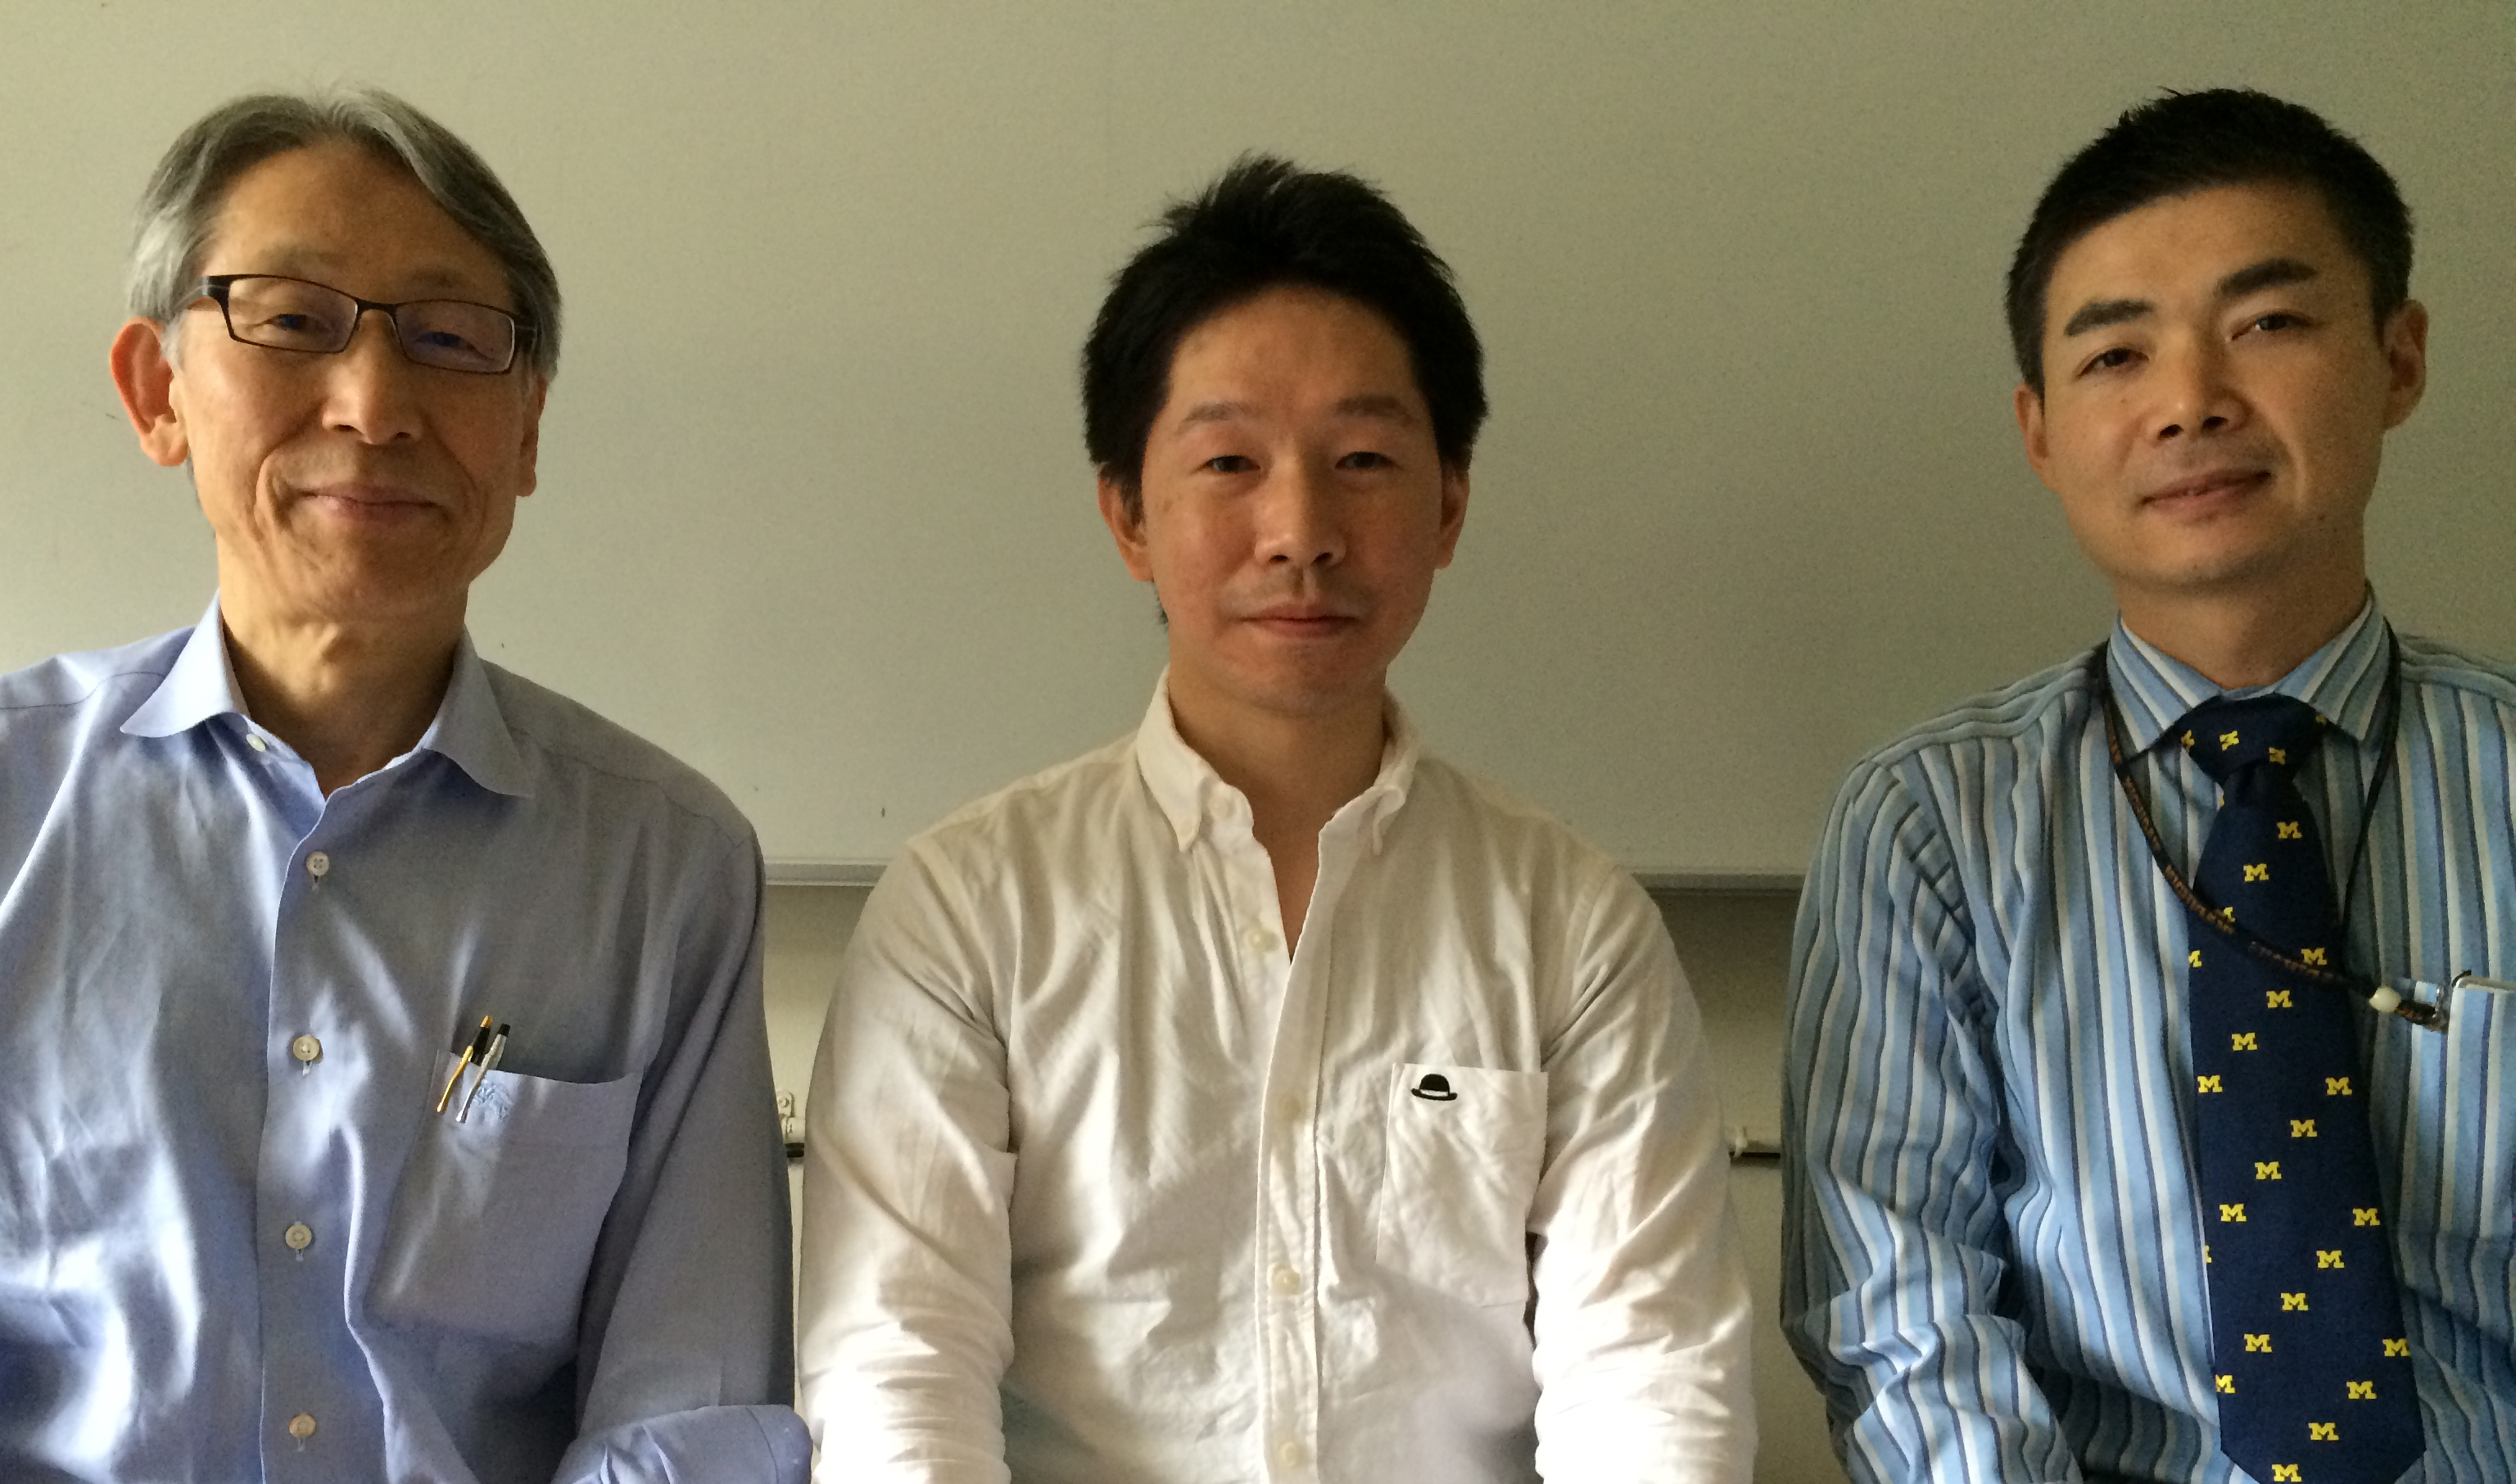 左から、岡田保典(病理学教室教授)、下田将之(病理学教室講師)、大塚崇(外科学教室講師)